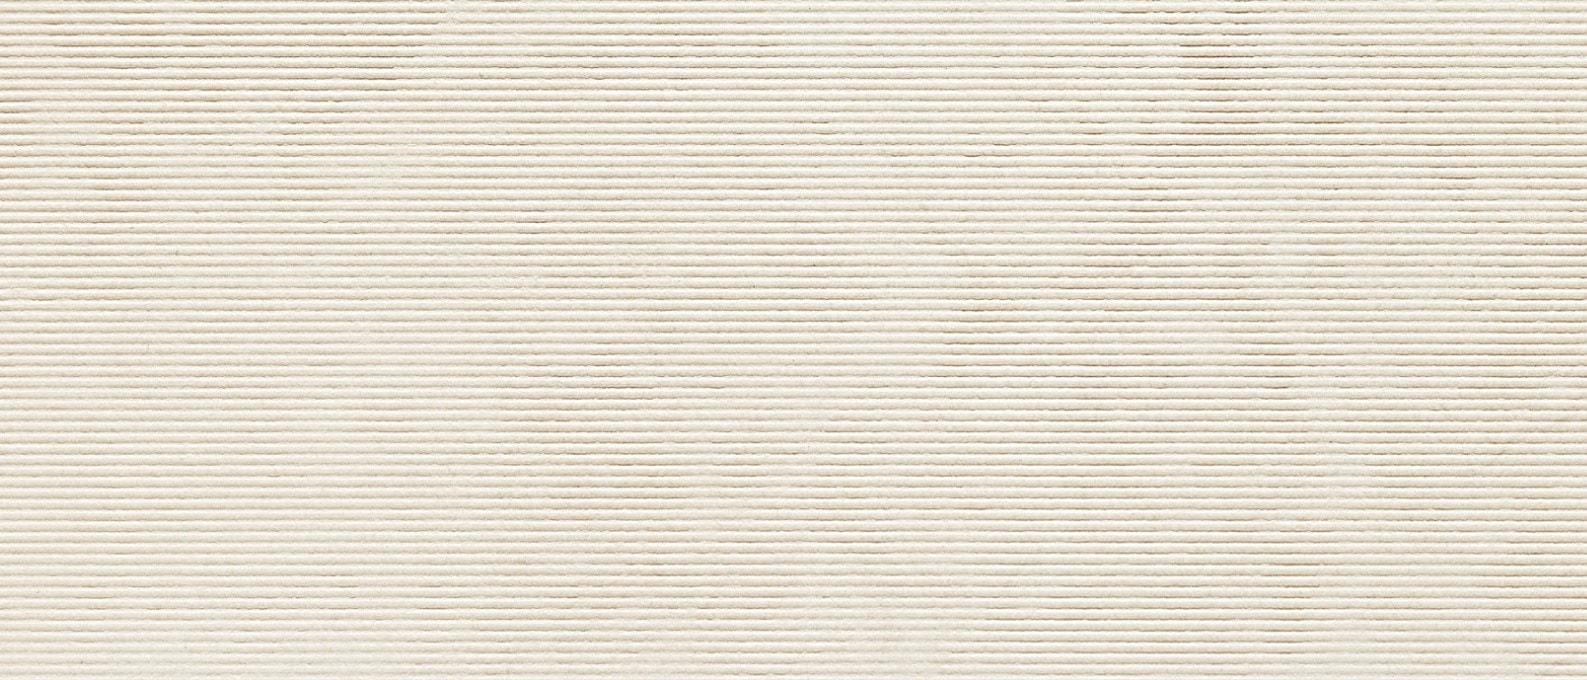 Płytka ścienna Tubądzin Clarity beige STR 32,8x89,8 cm (p)